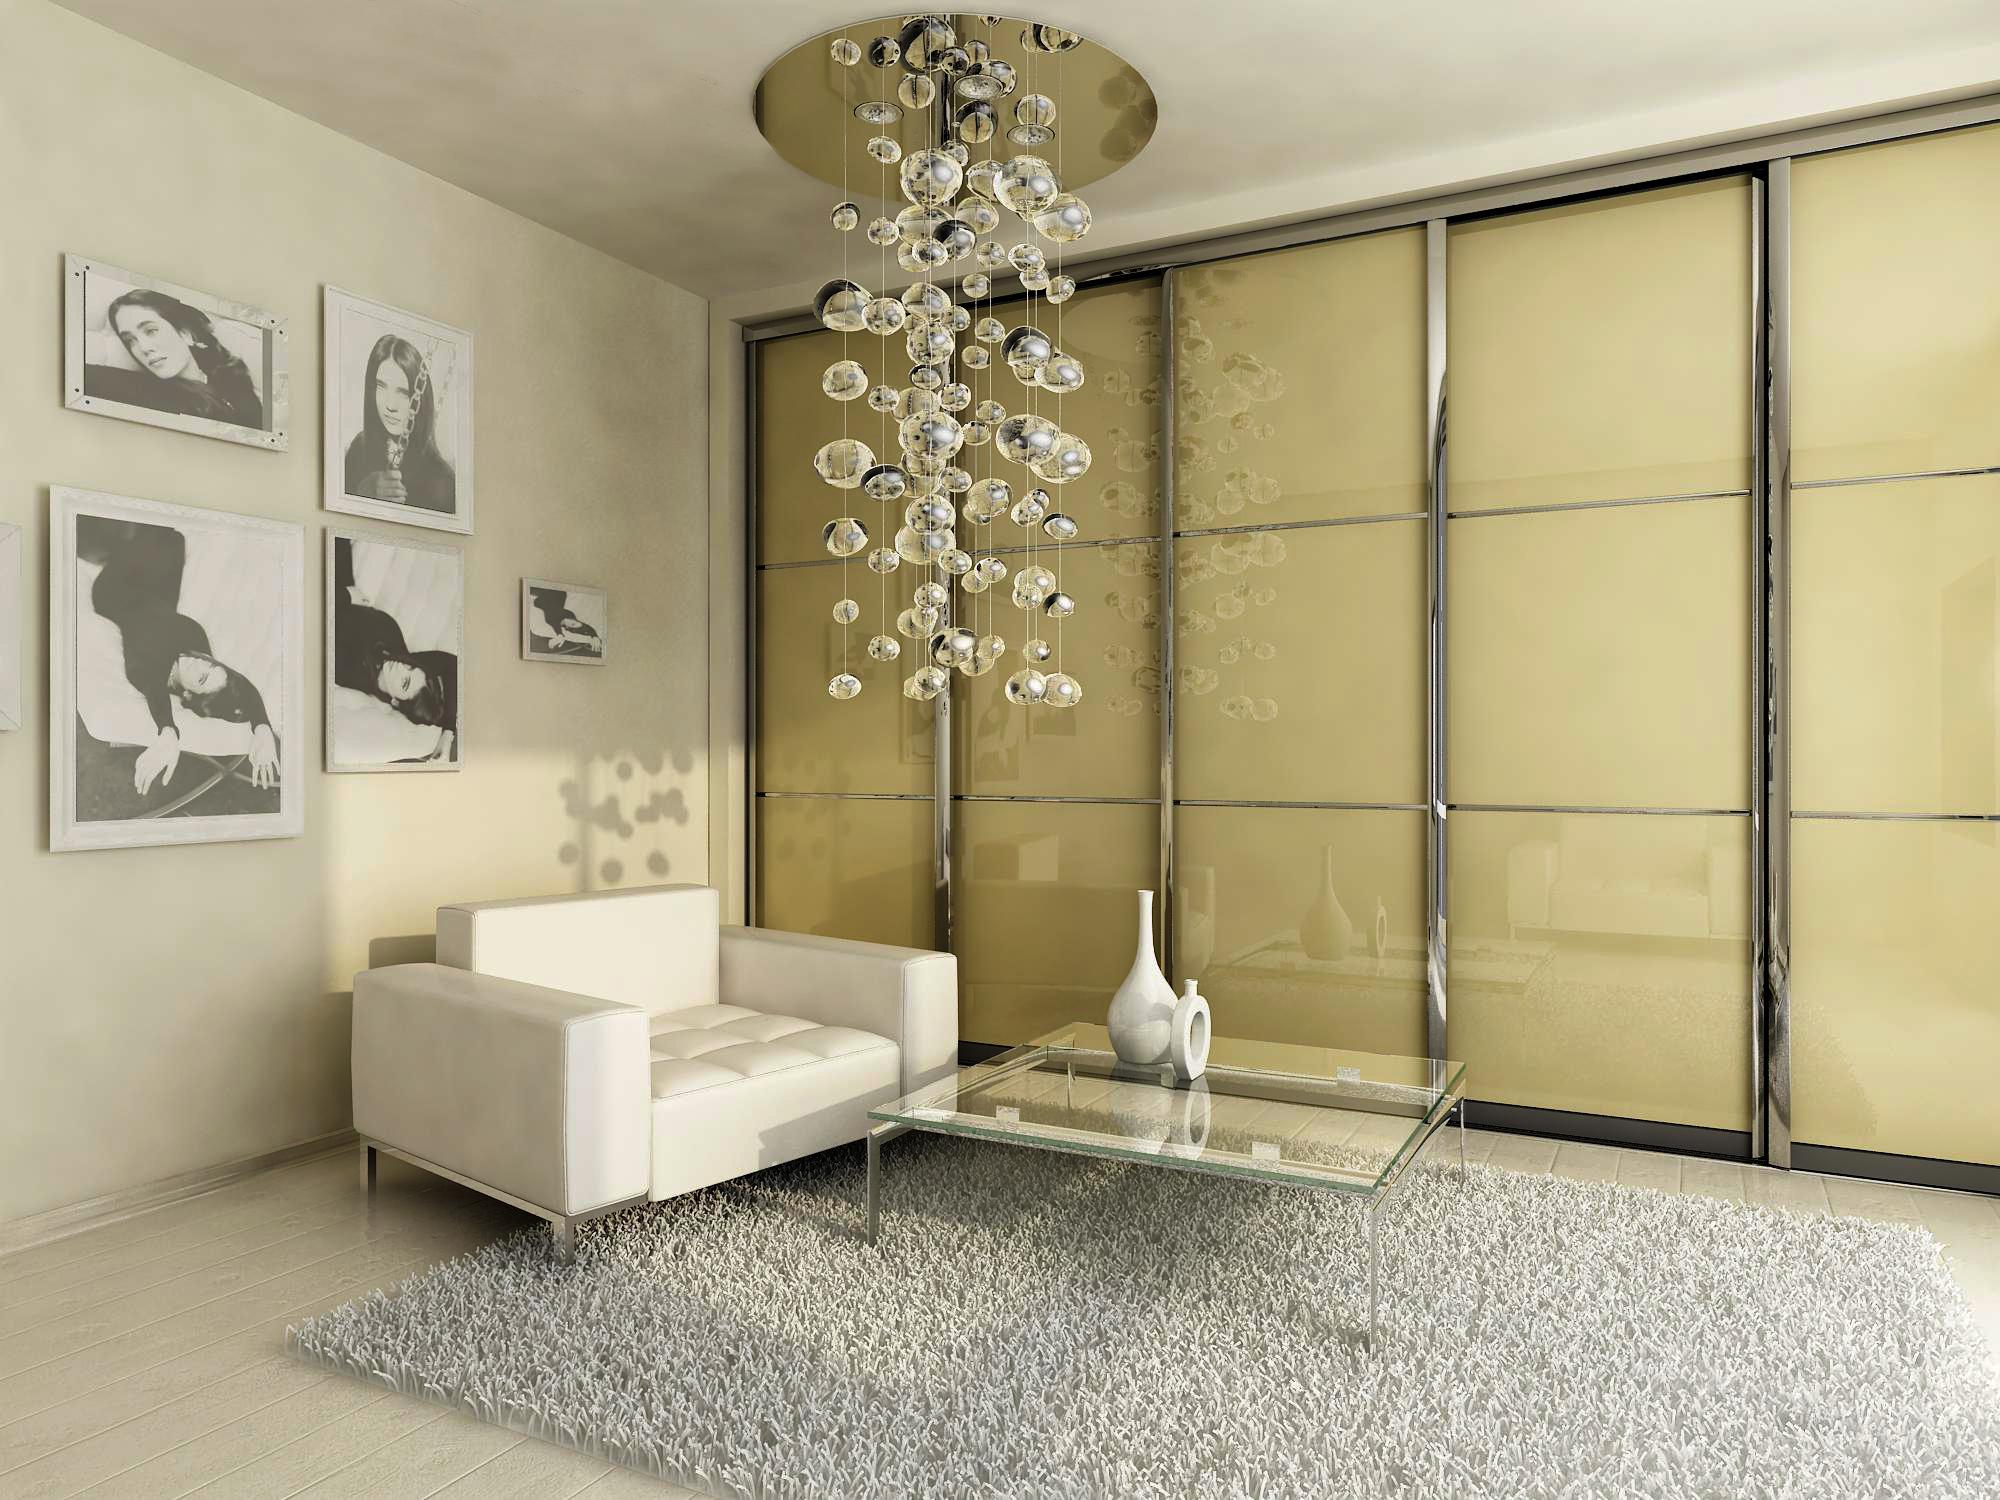 Шкаф-купе в интерьере - практичный и эстетичный предмет мебели